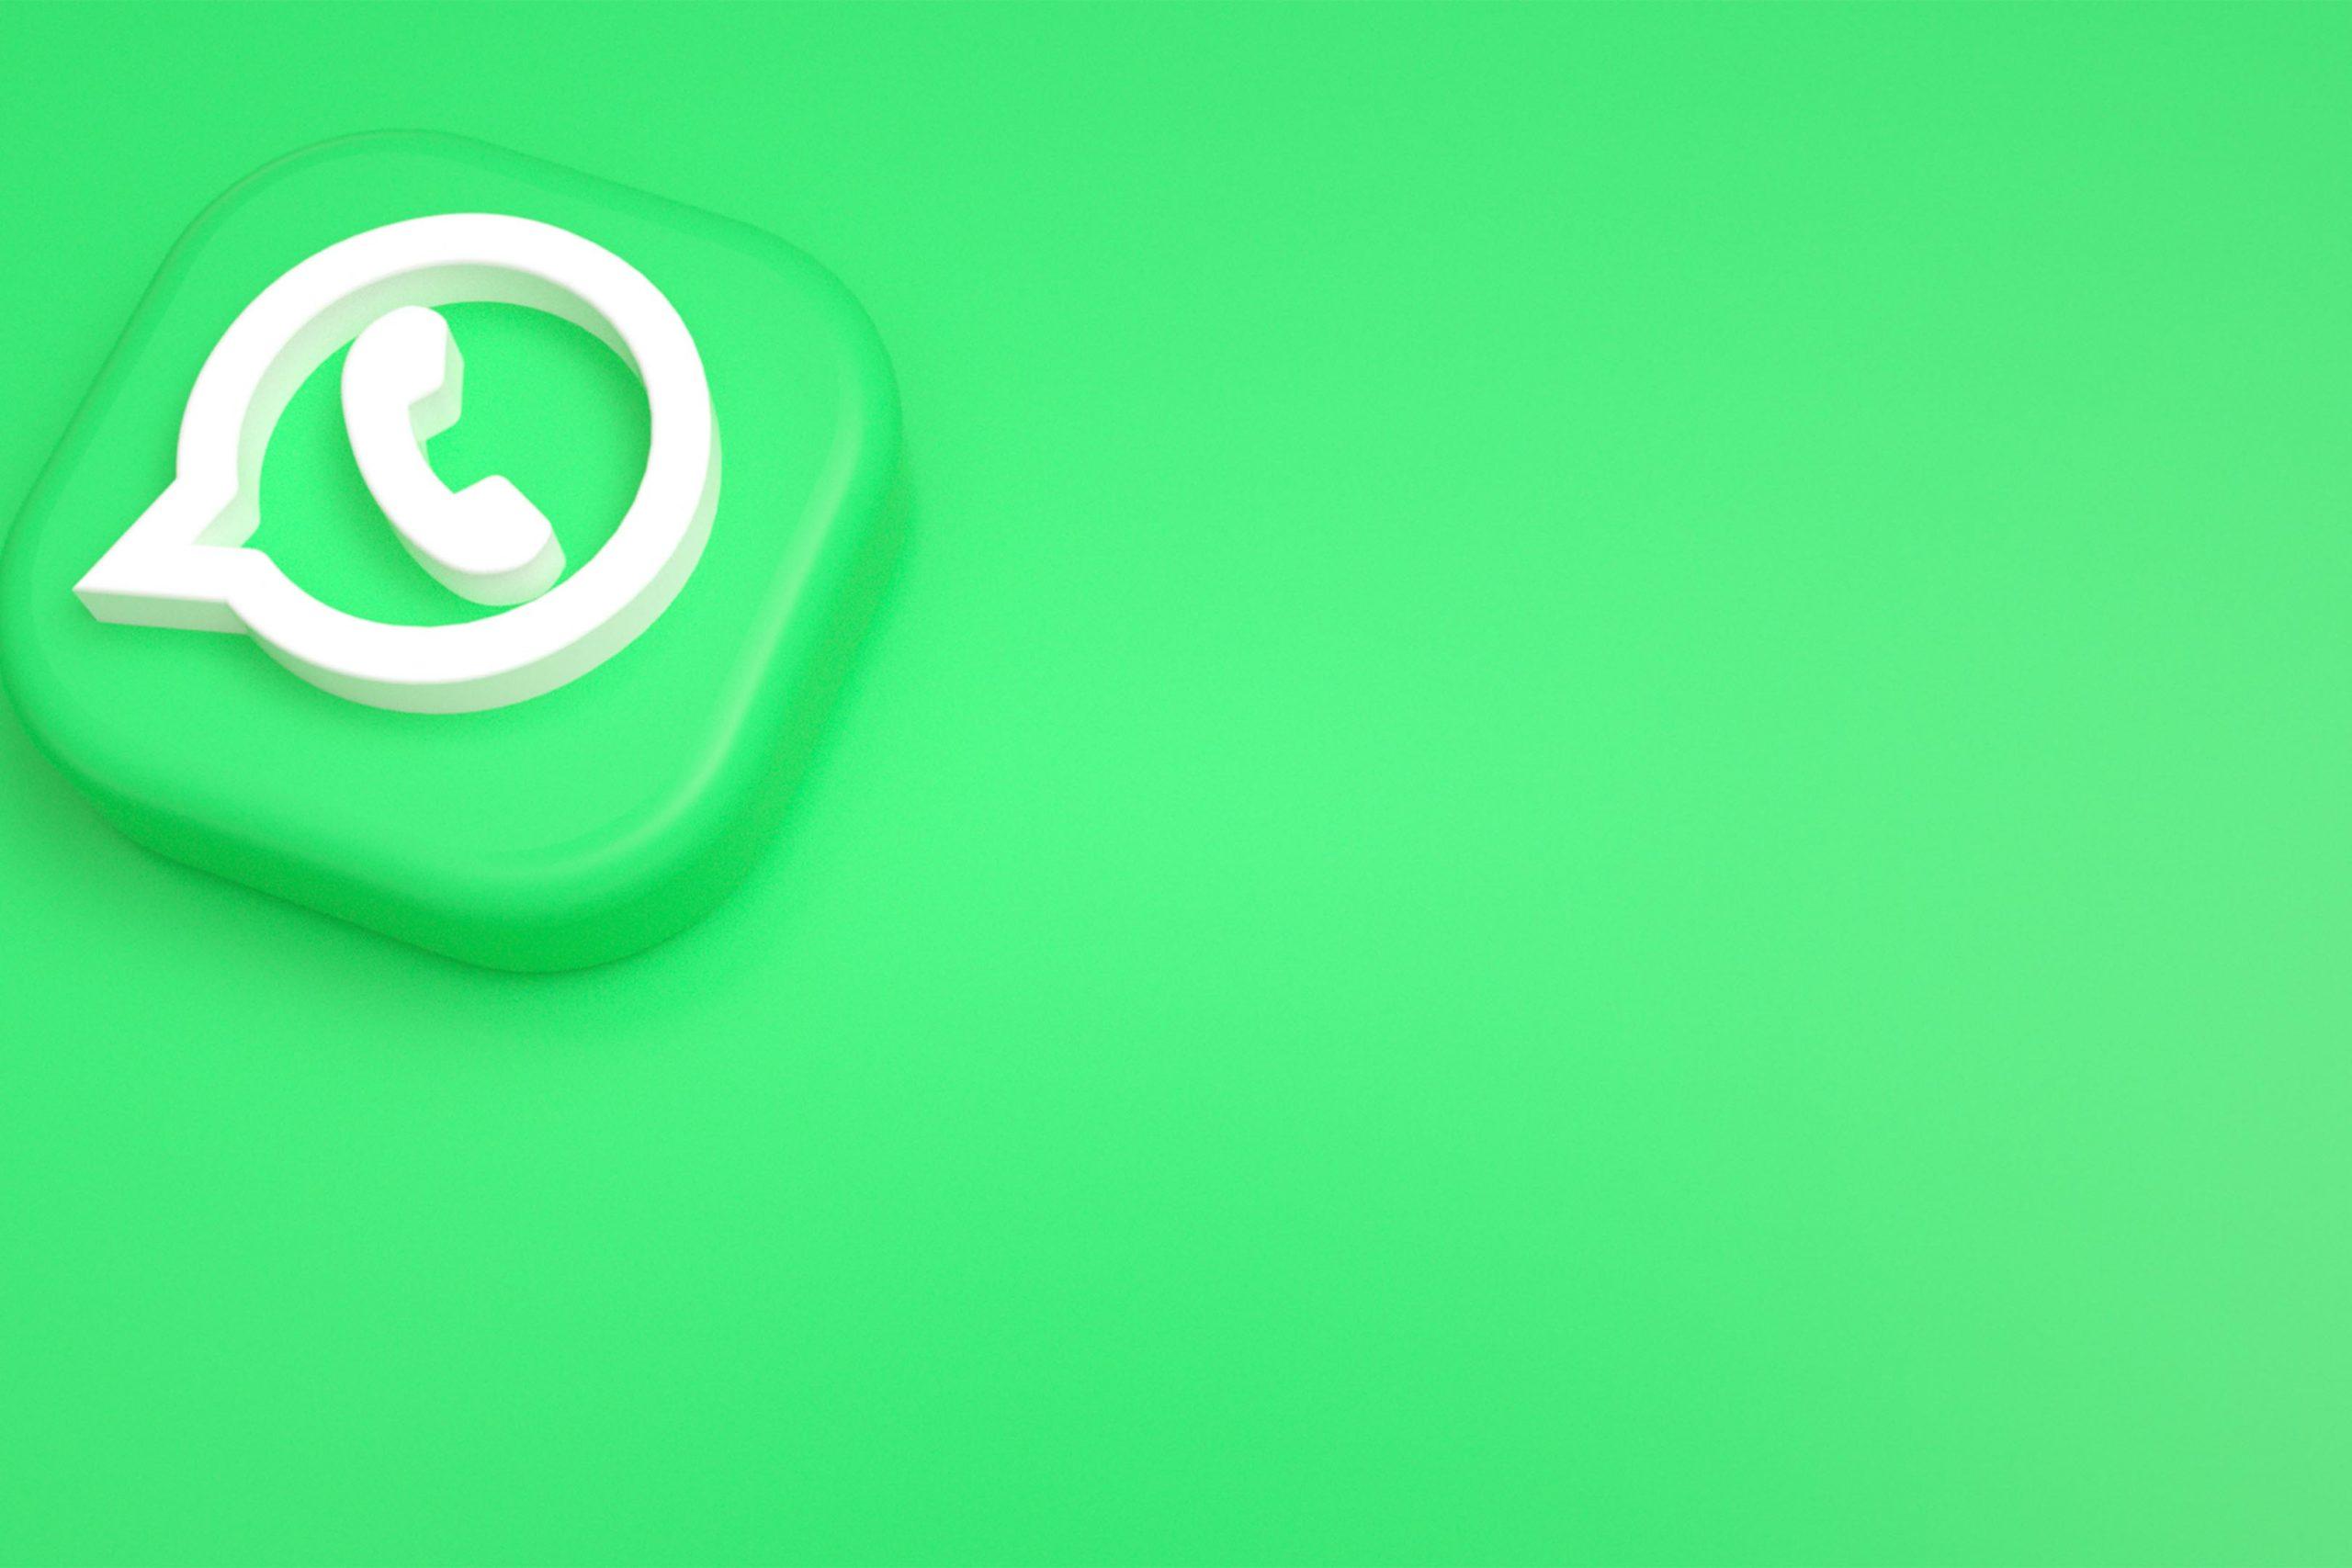 WhatsApp testa ferramenta para melhorar a qualidade das fotos enviadas